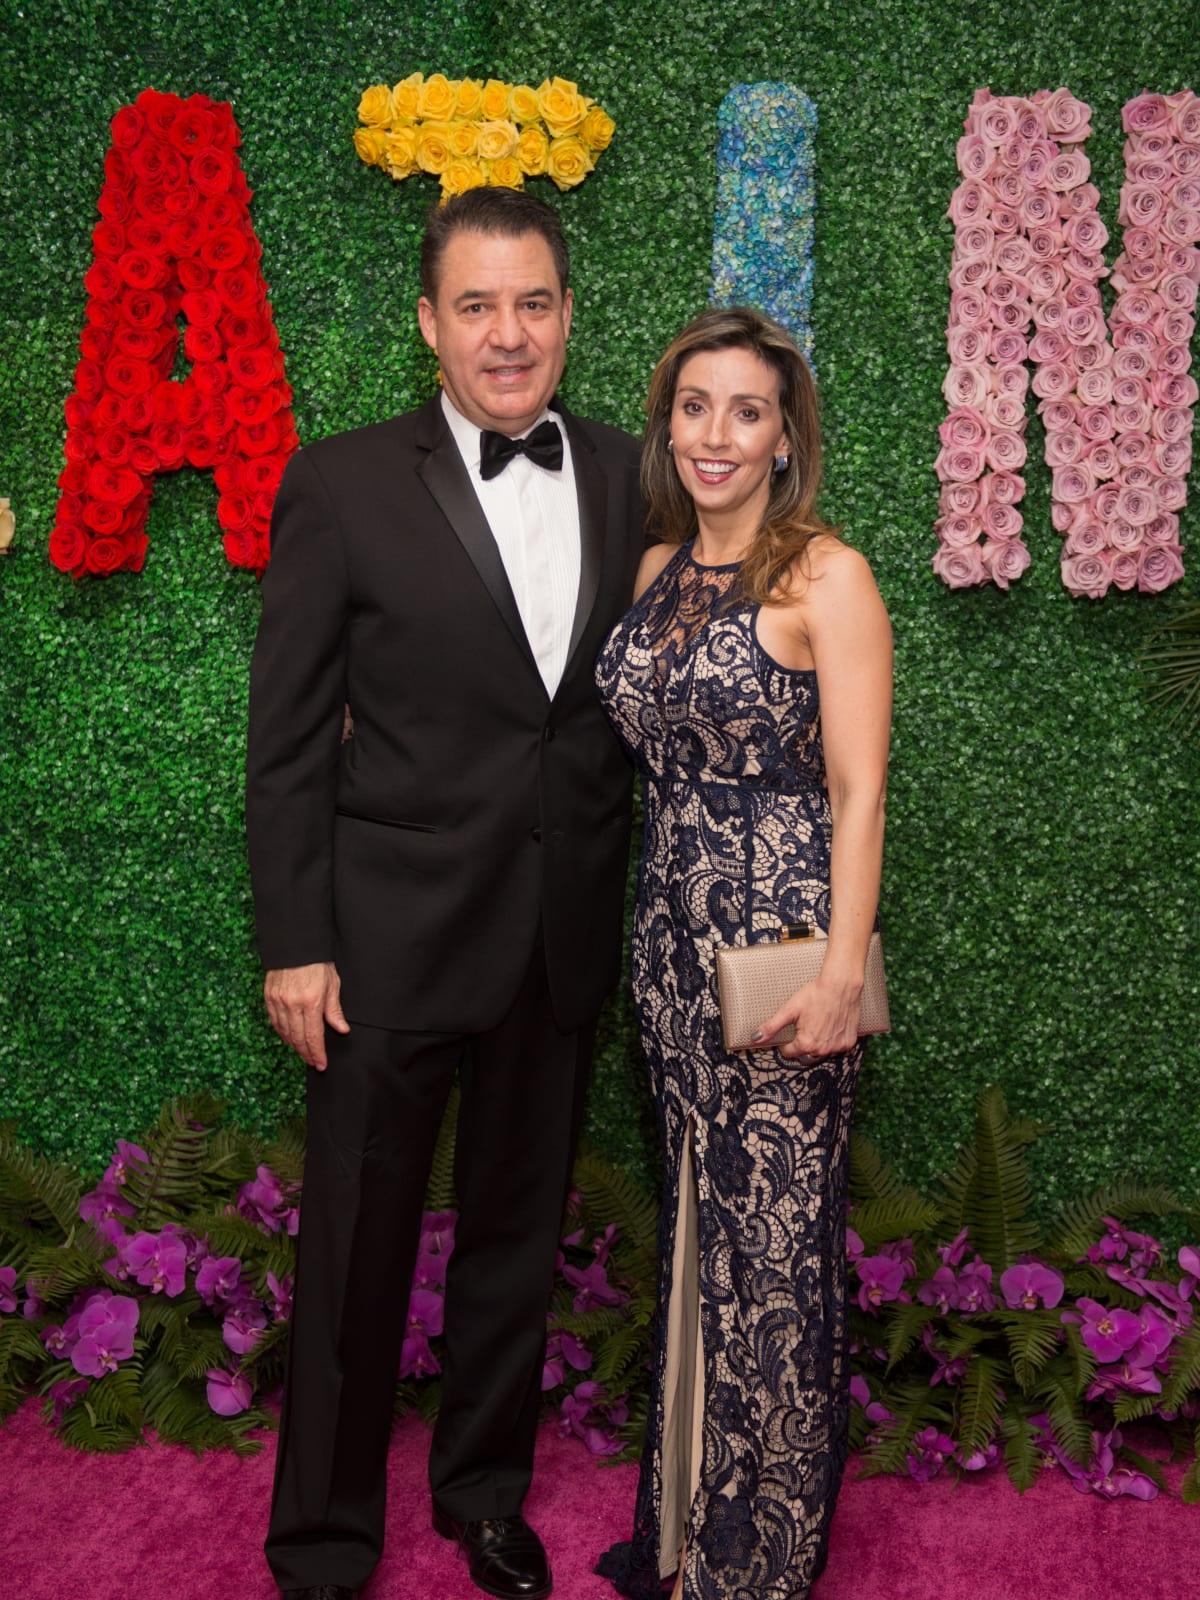 Mauricio Vallejo, Liliana Molina at Latin American Experience Gala